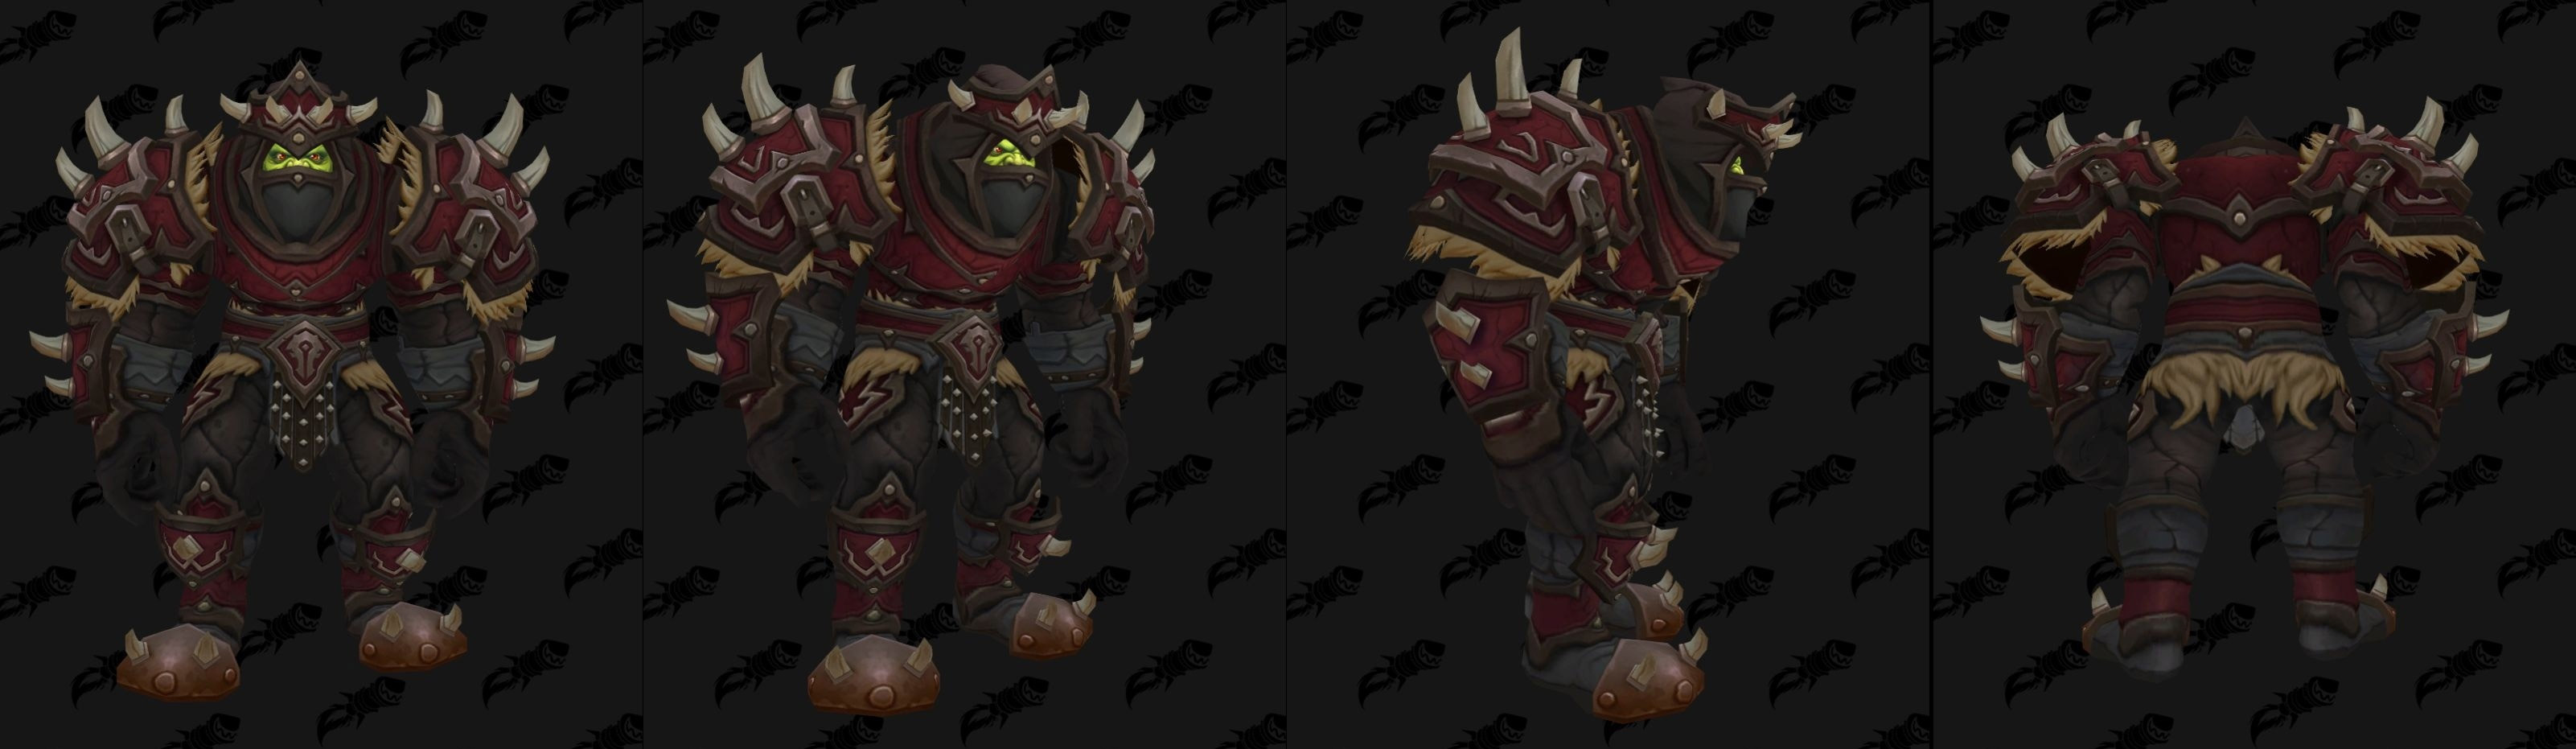 Armures cuir (Horde) - Fronts de guerre Tier 3 - Coloris 2